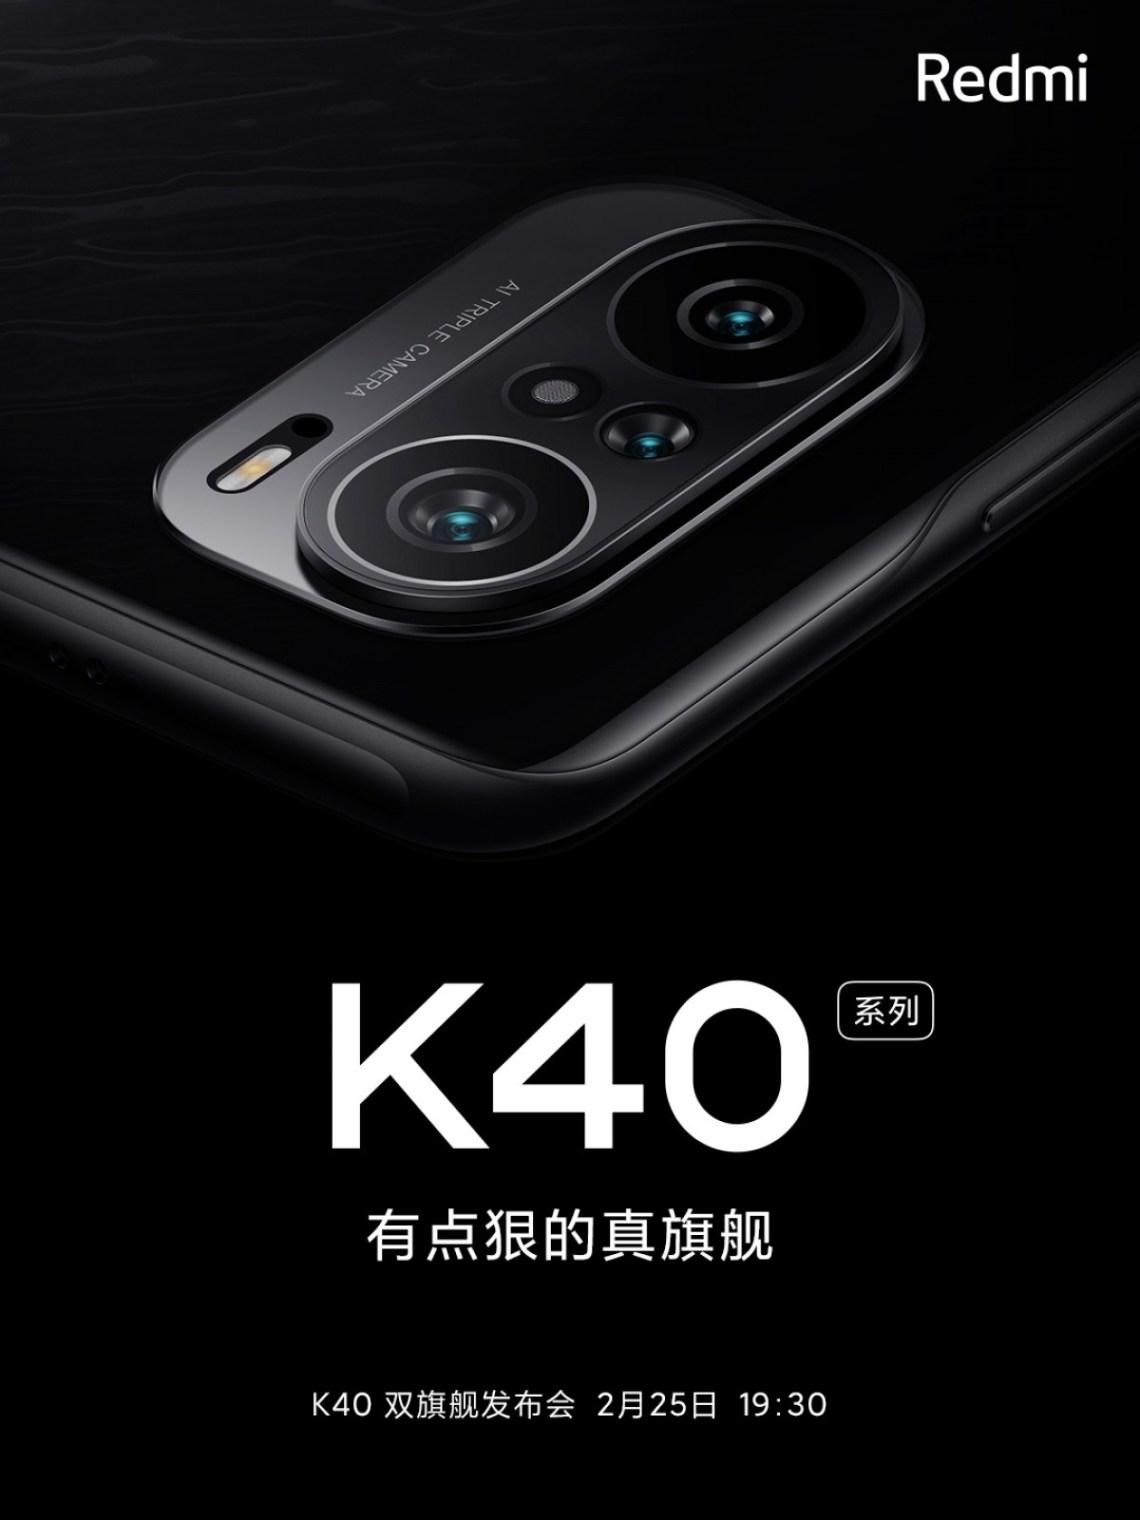 Redmi K40 akan memiliki tiga kamera, poster resmi mengkonfirmasi